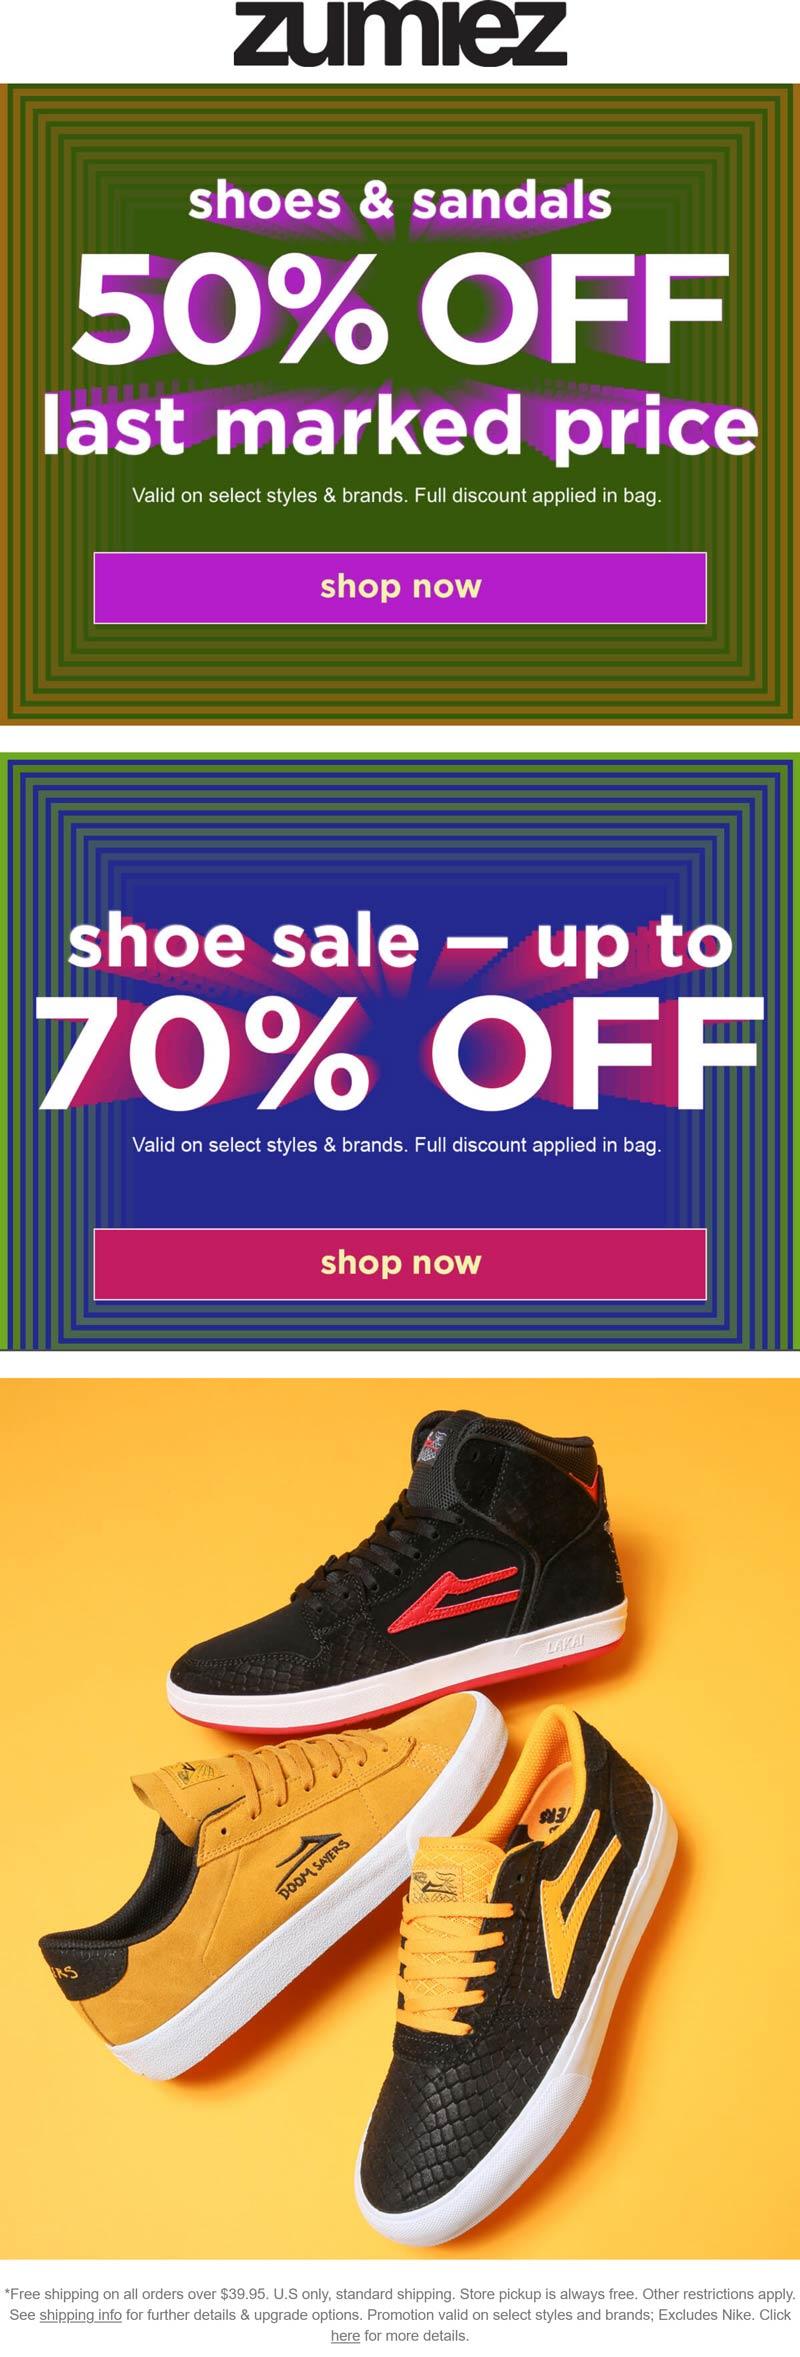 Zumiez stores Coupon  Extra 50% off sale shoes & sandals at Zumiez #zumiez